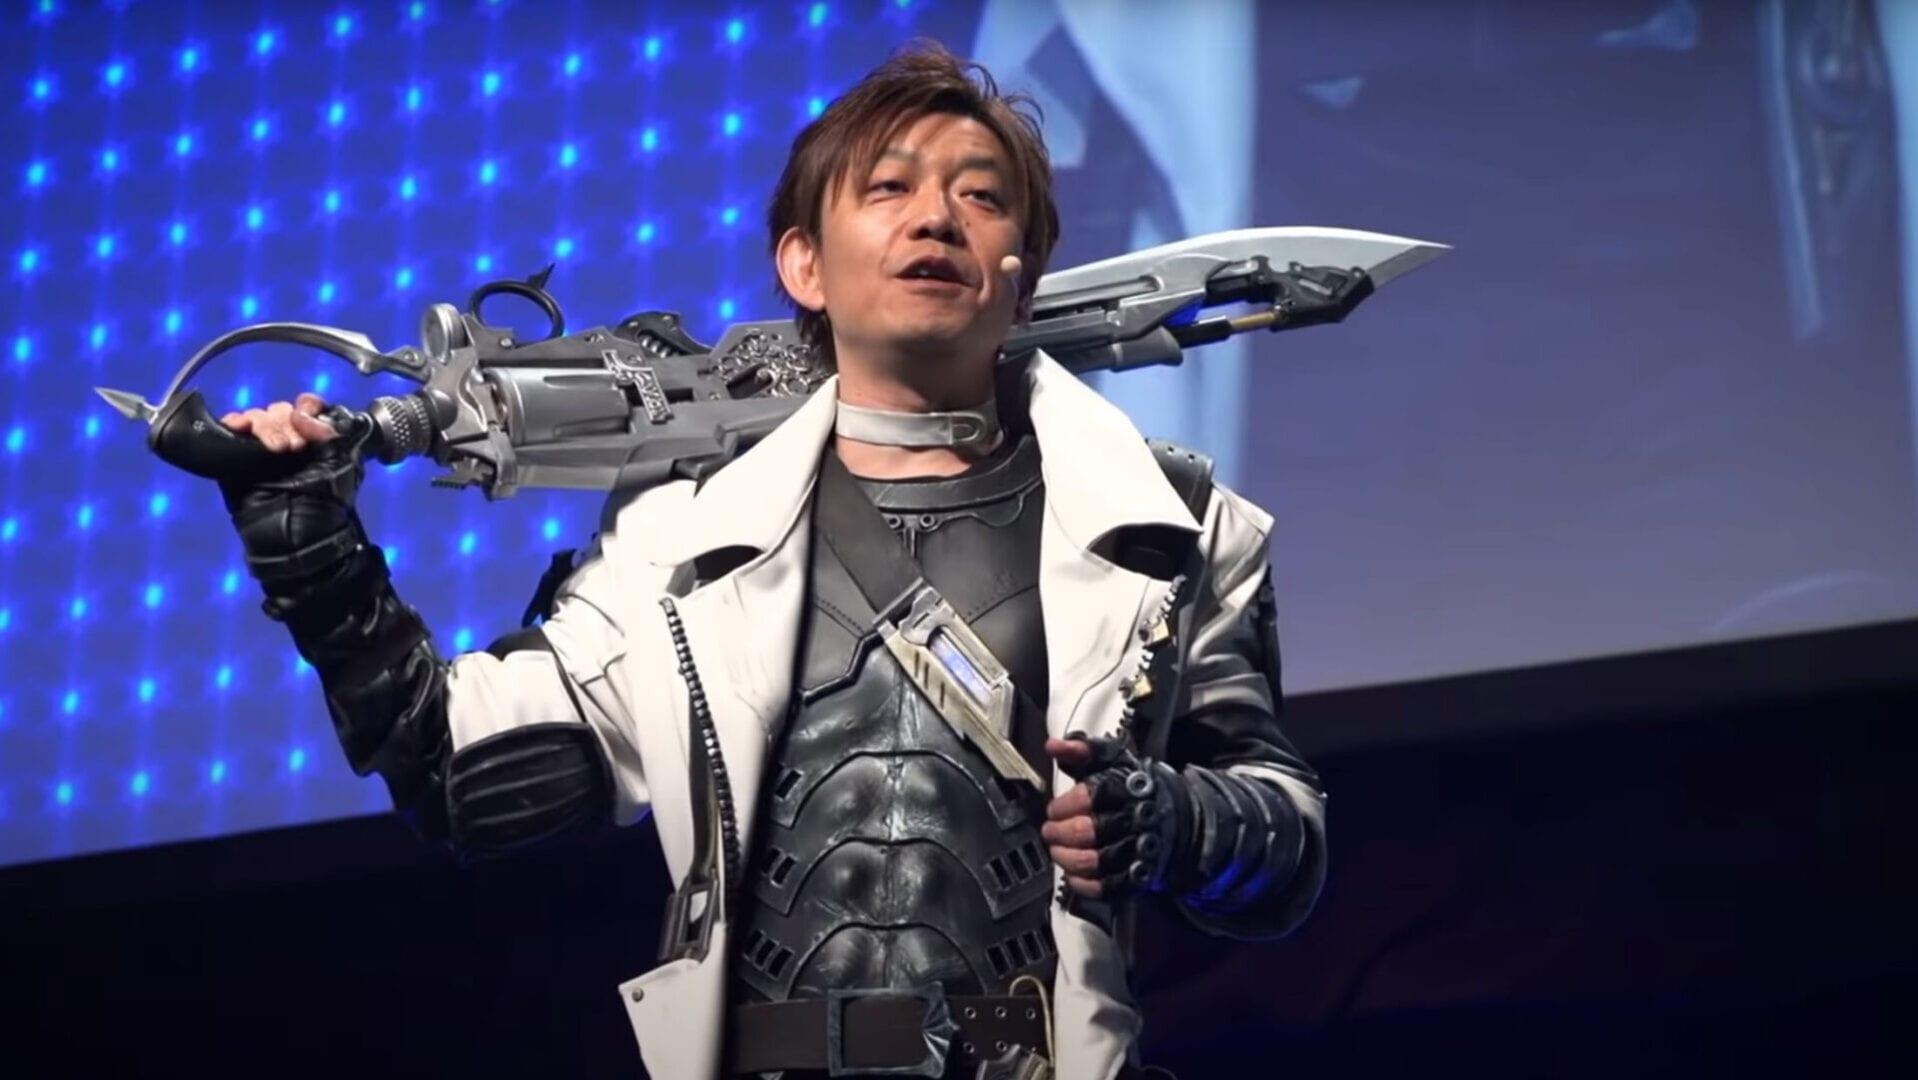 《最终幻想》制作人吉田直树:5G将终结家用游戏主机长久统治